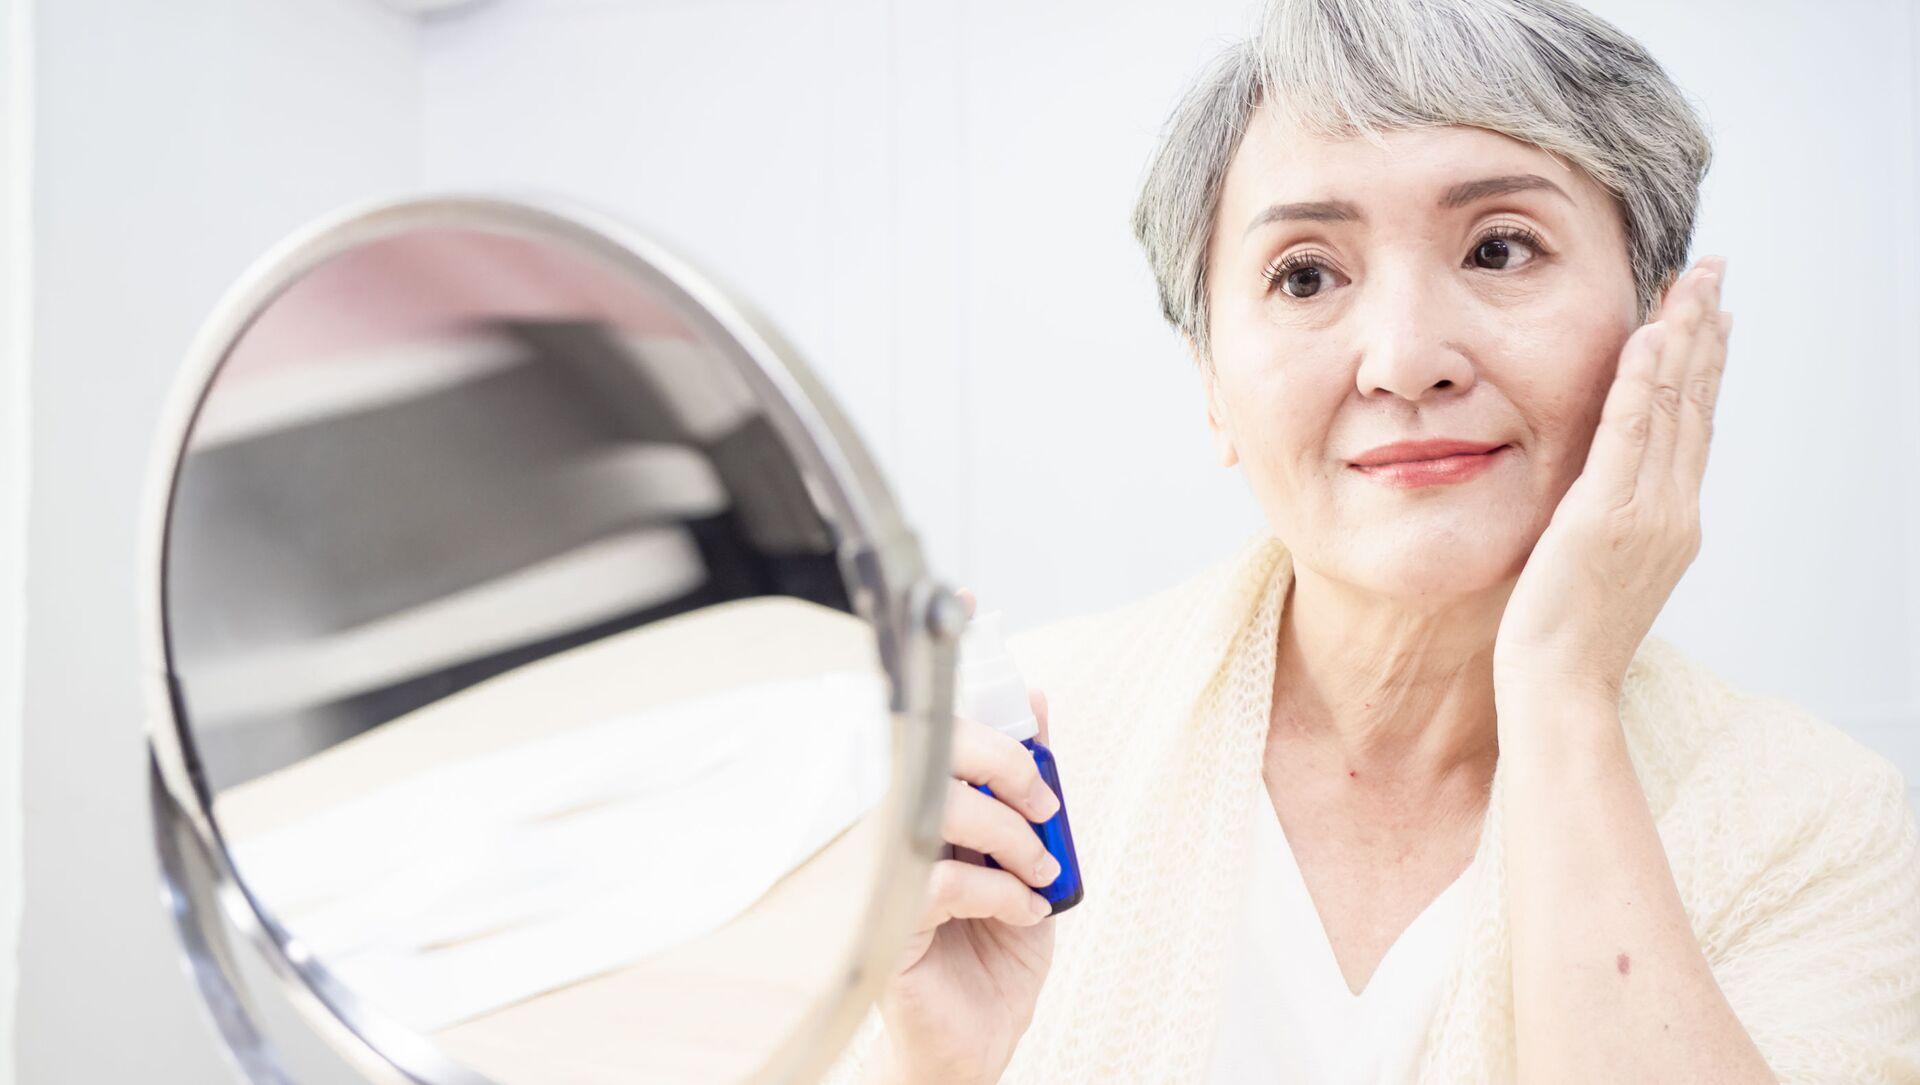 Người phụ nữ cao tuổi nhìn trong gương - Sputnik Việt Nam, 1920, 02.05.2021